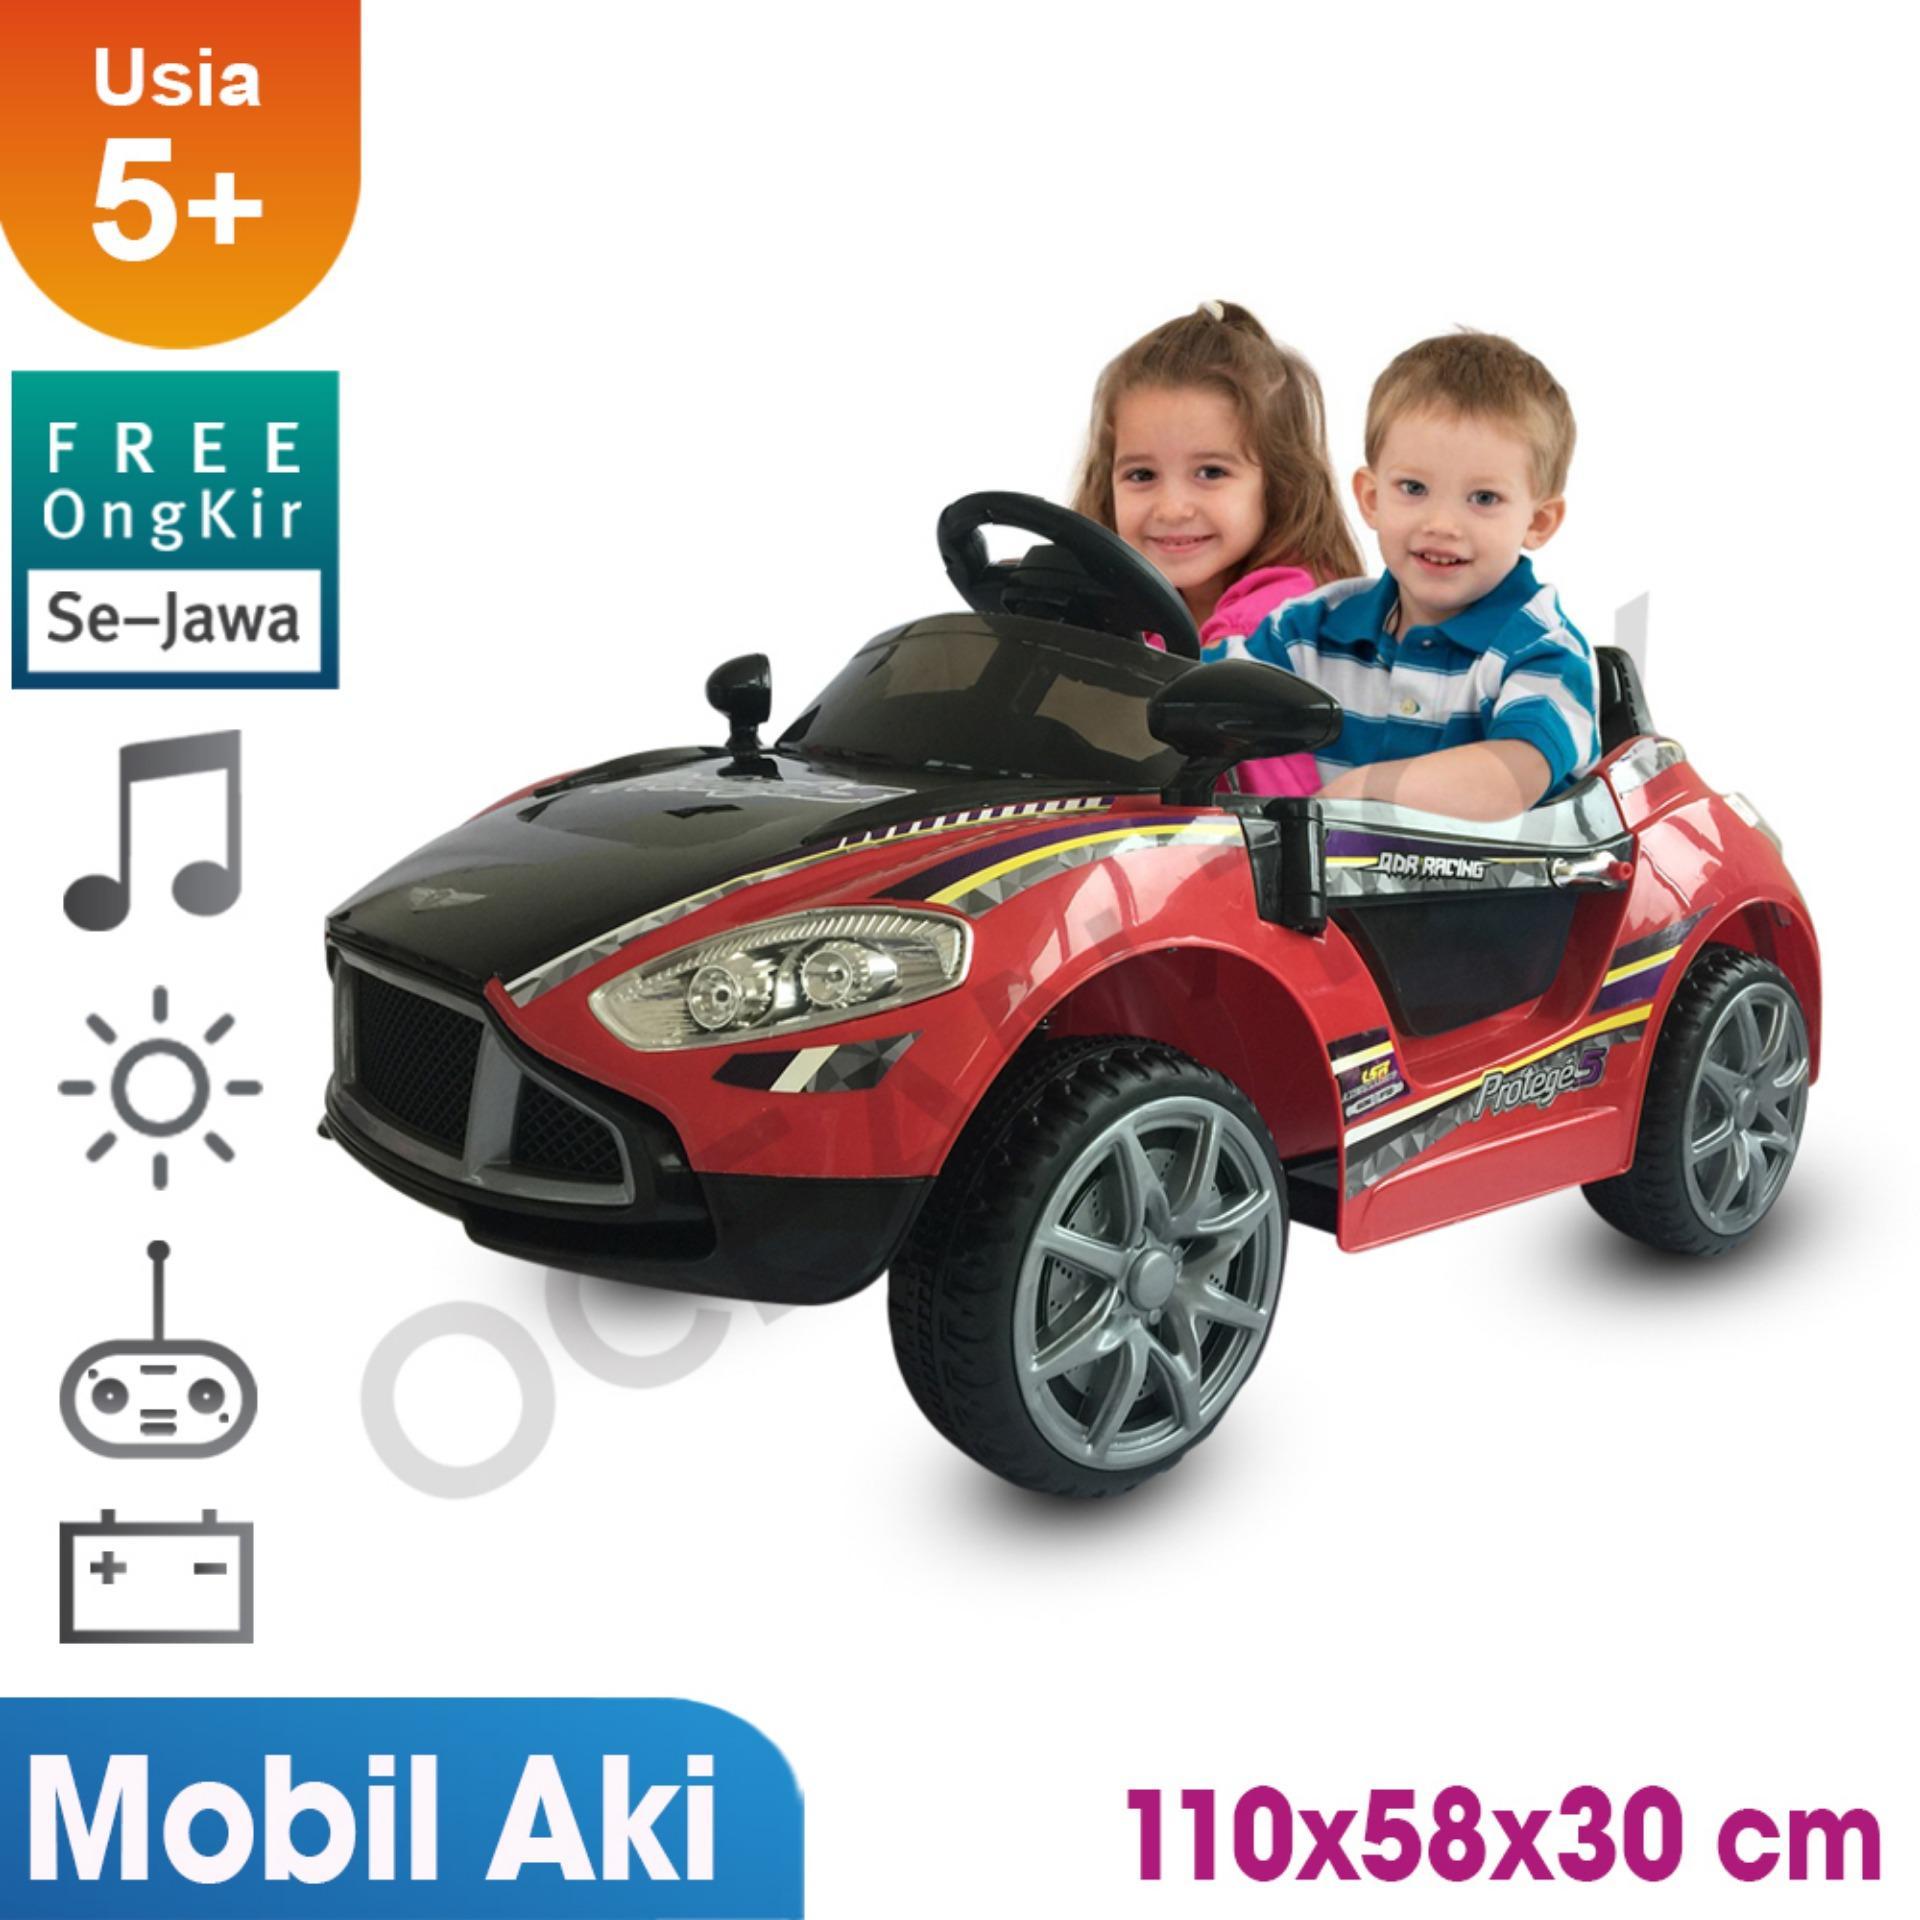 100% Free Ongkir Khusus Pulau Jawa Ocean Toy Ride On PMB Mobil Aki Protege5 Mainan Anak M7688 - Merah Hitam